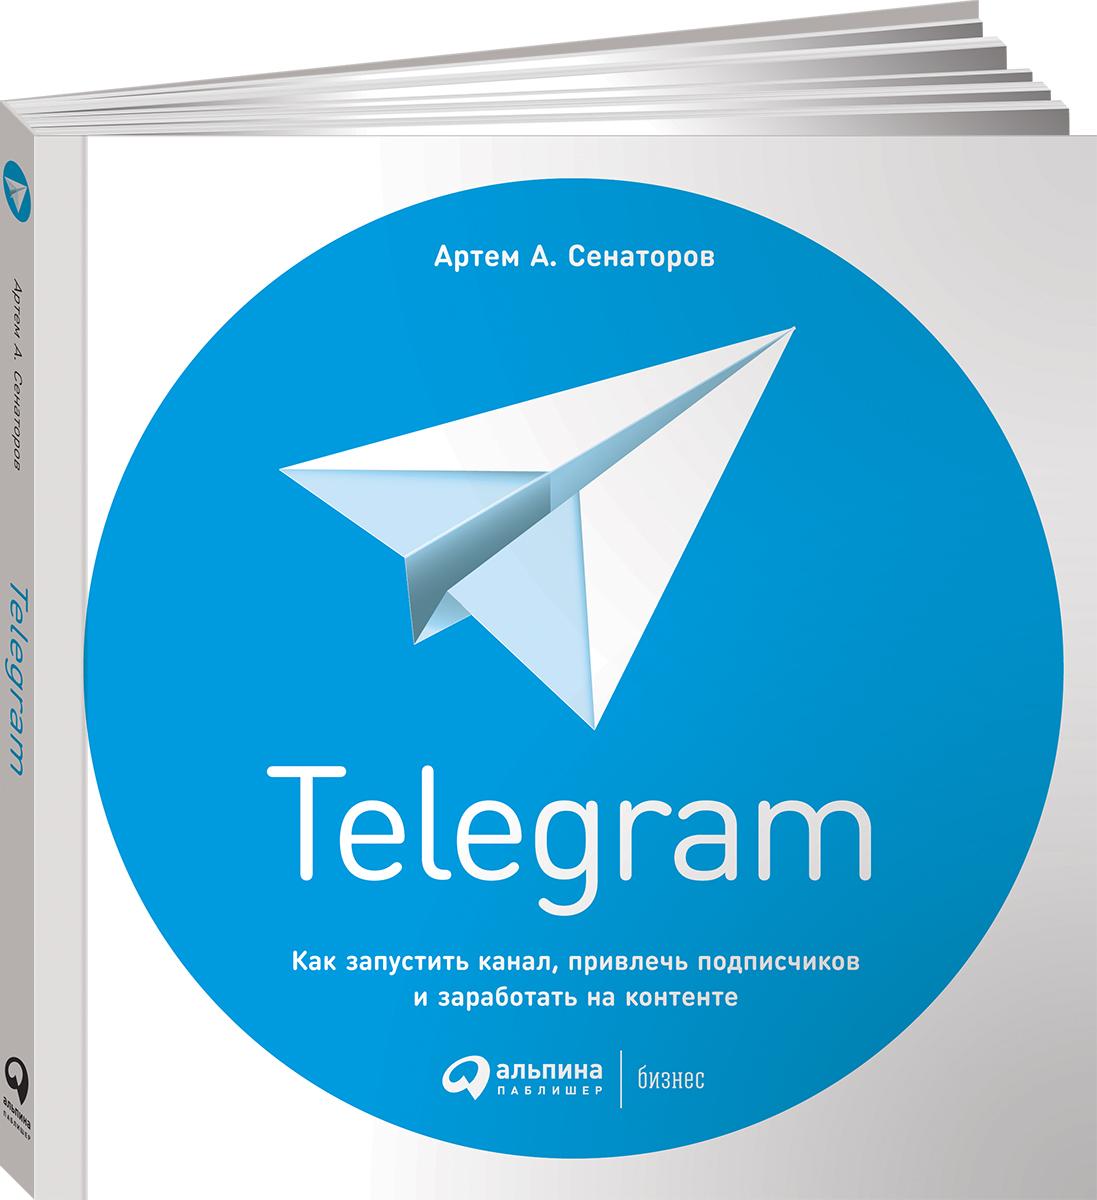 Артем Сенаторов Telegram. Как запустить канал, привлечь подписчиков и заработать на контенте артем сенаторов 0 бизнес в instagram от регистрации до первых денег